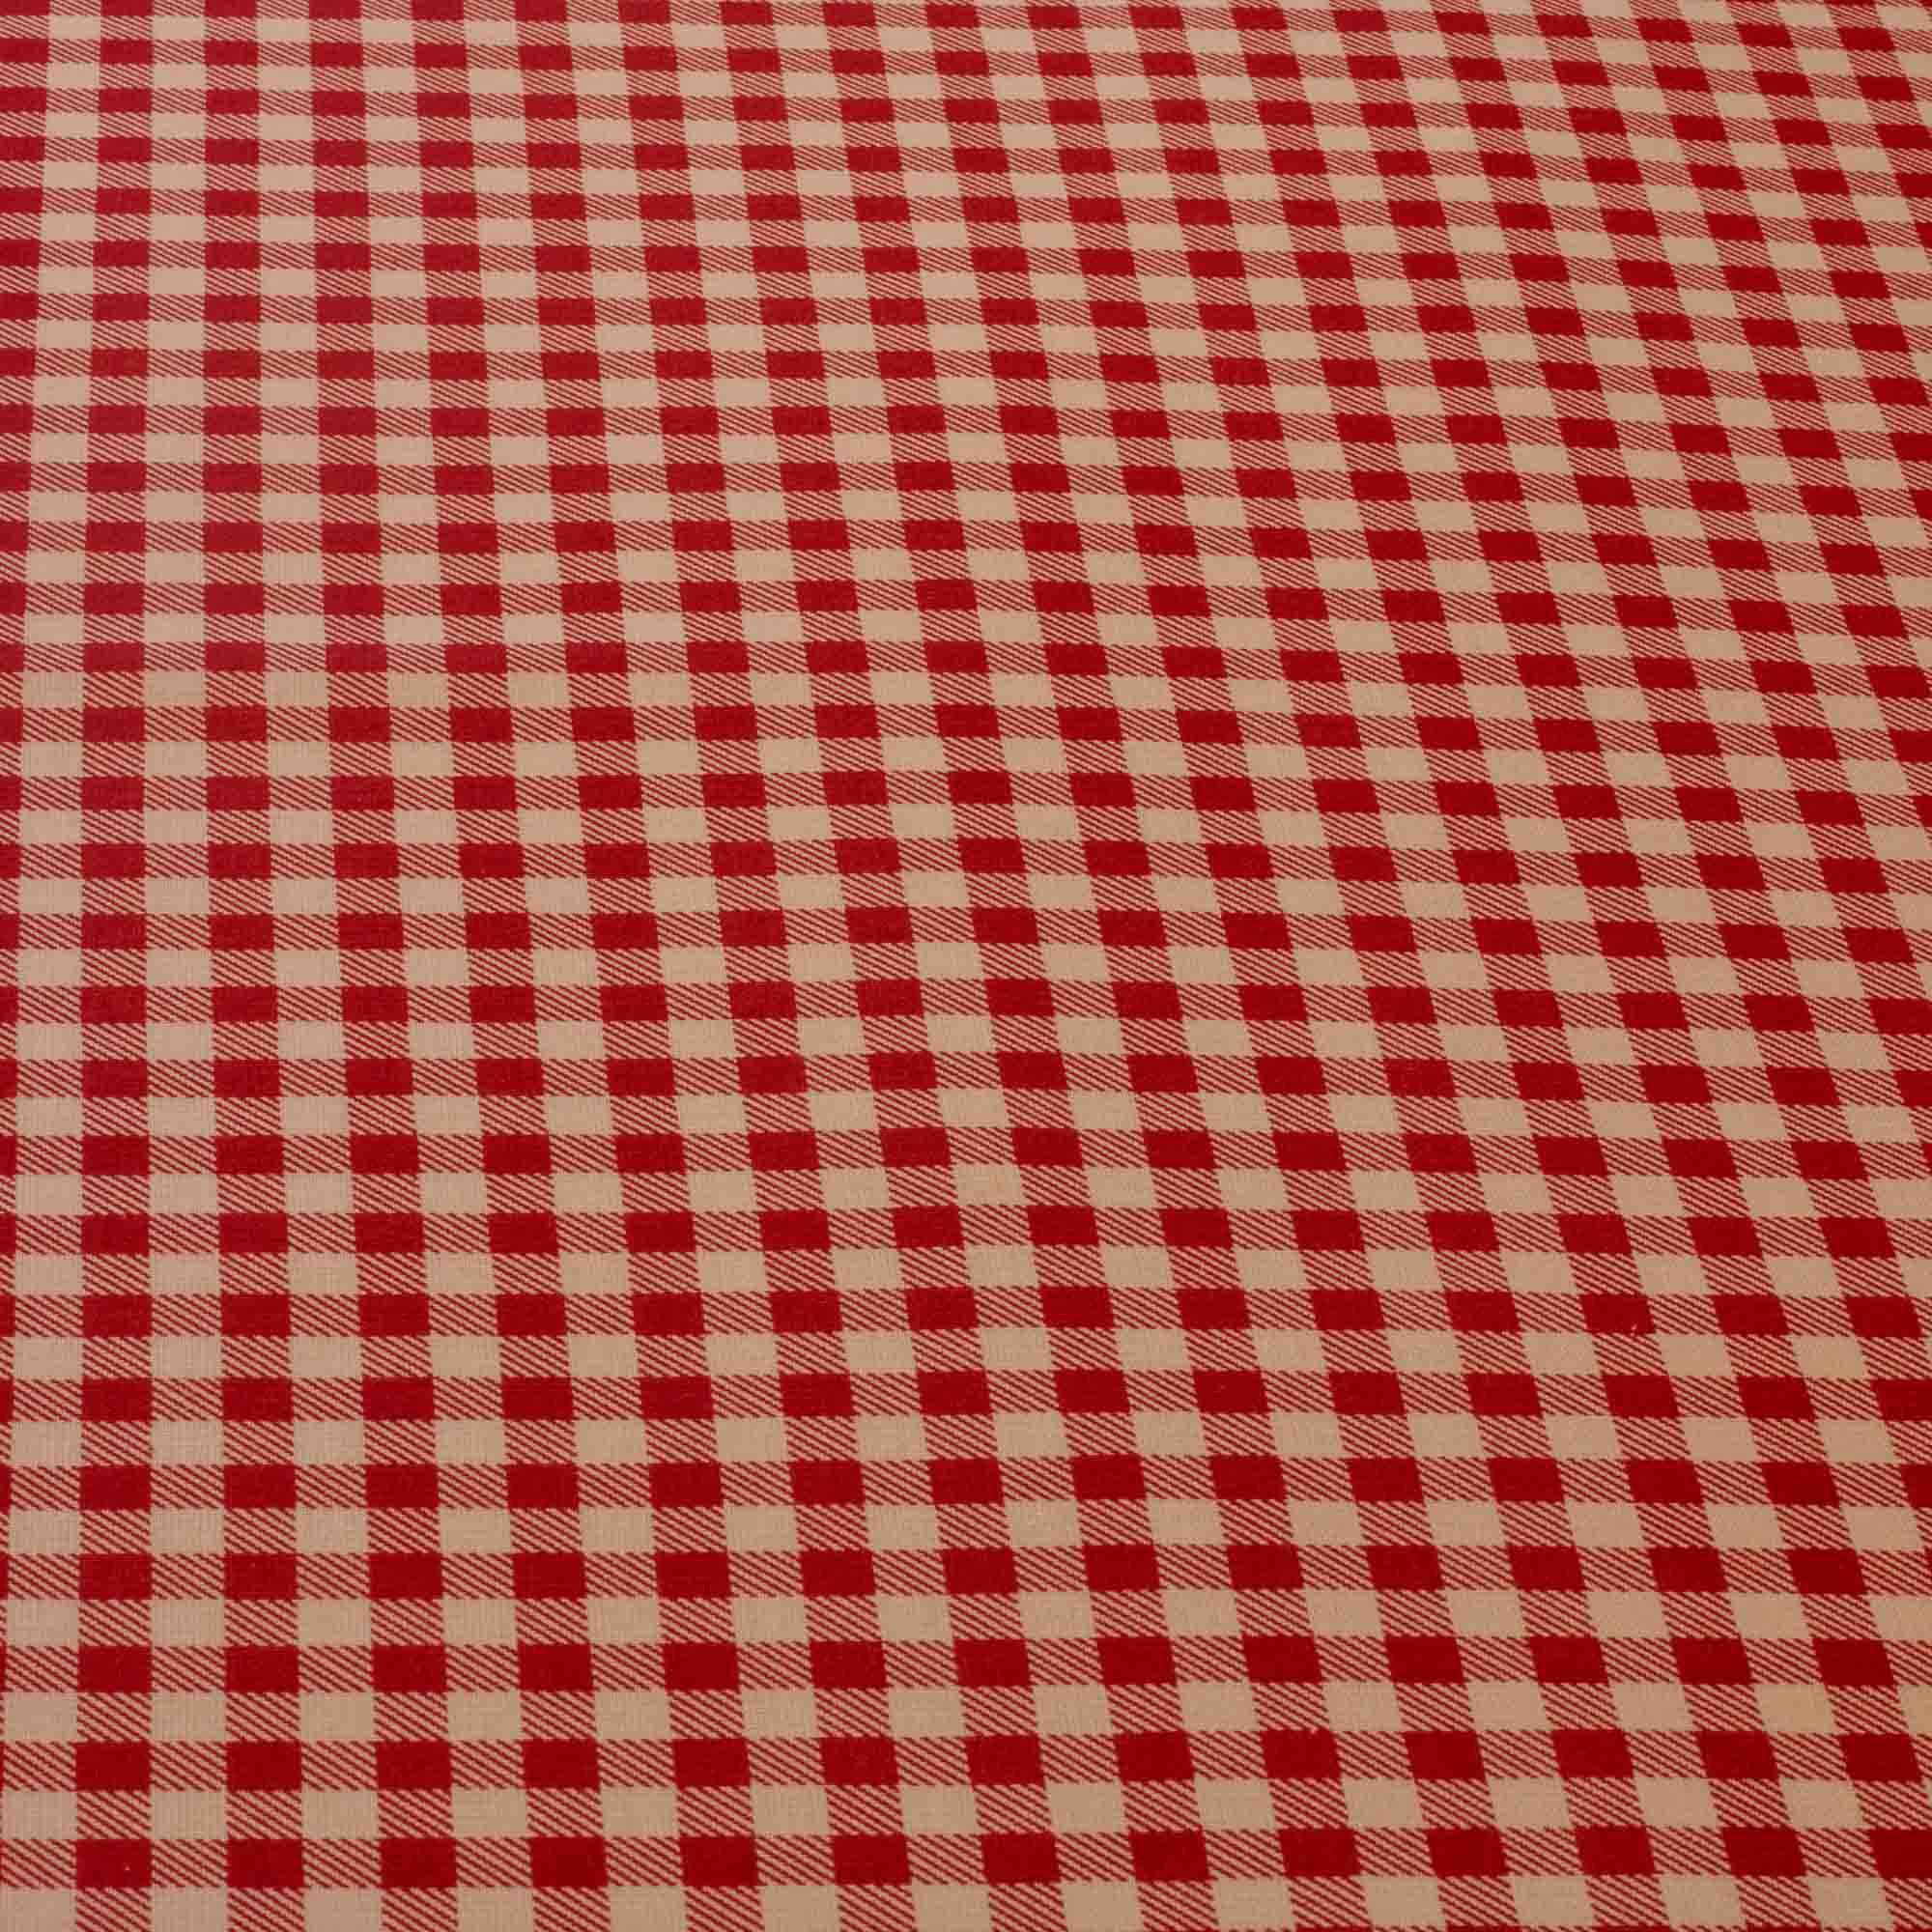 Tecido Tricoline Xadrez Vermelho - Estampado Patchwork